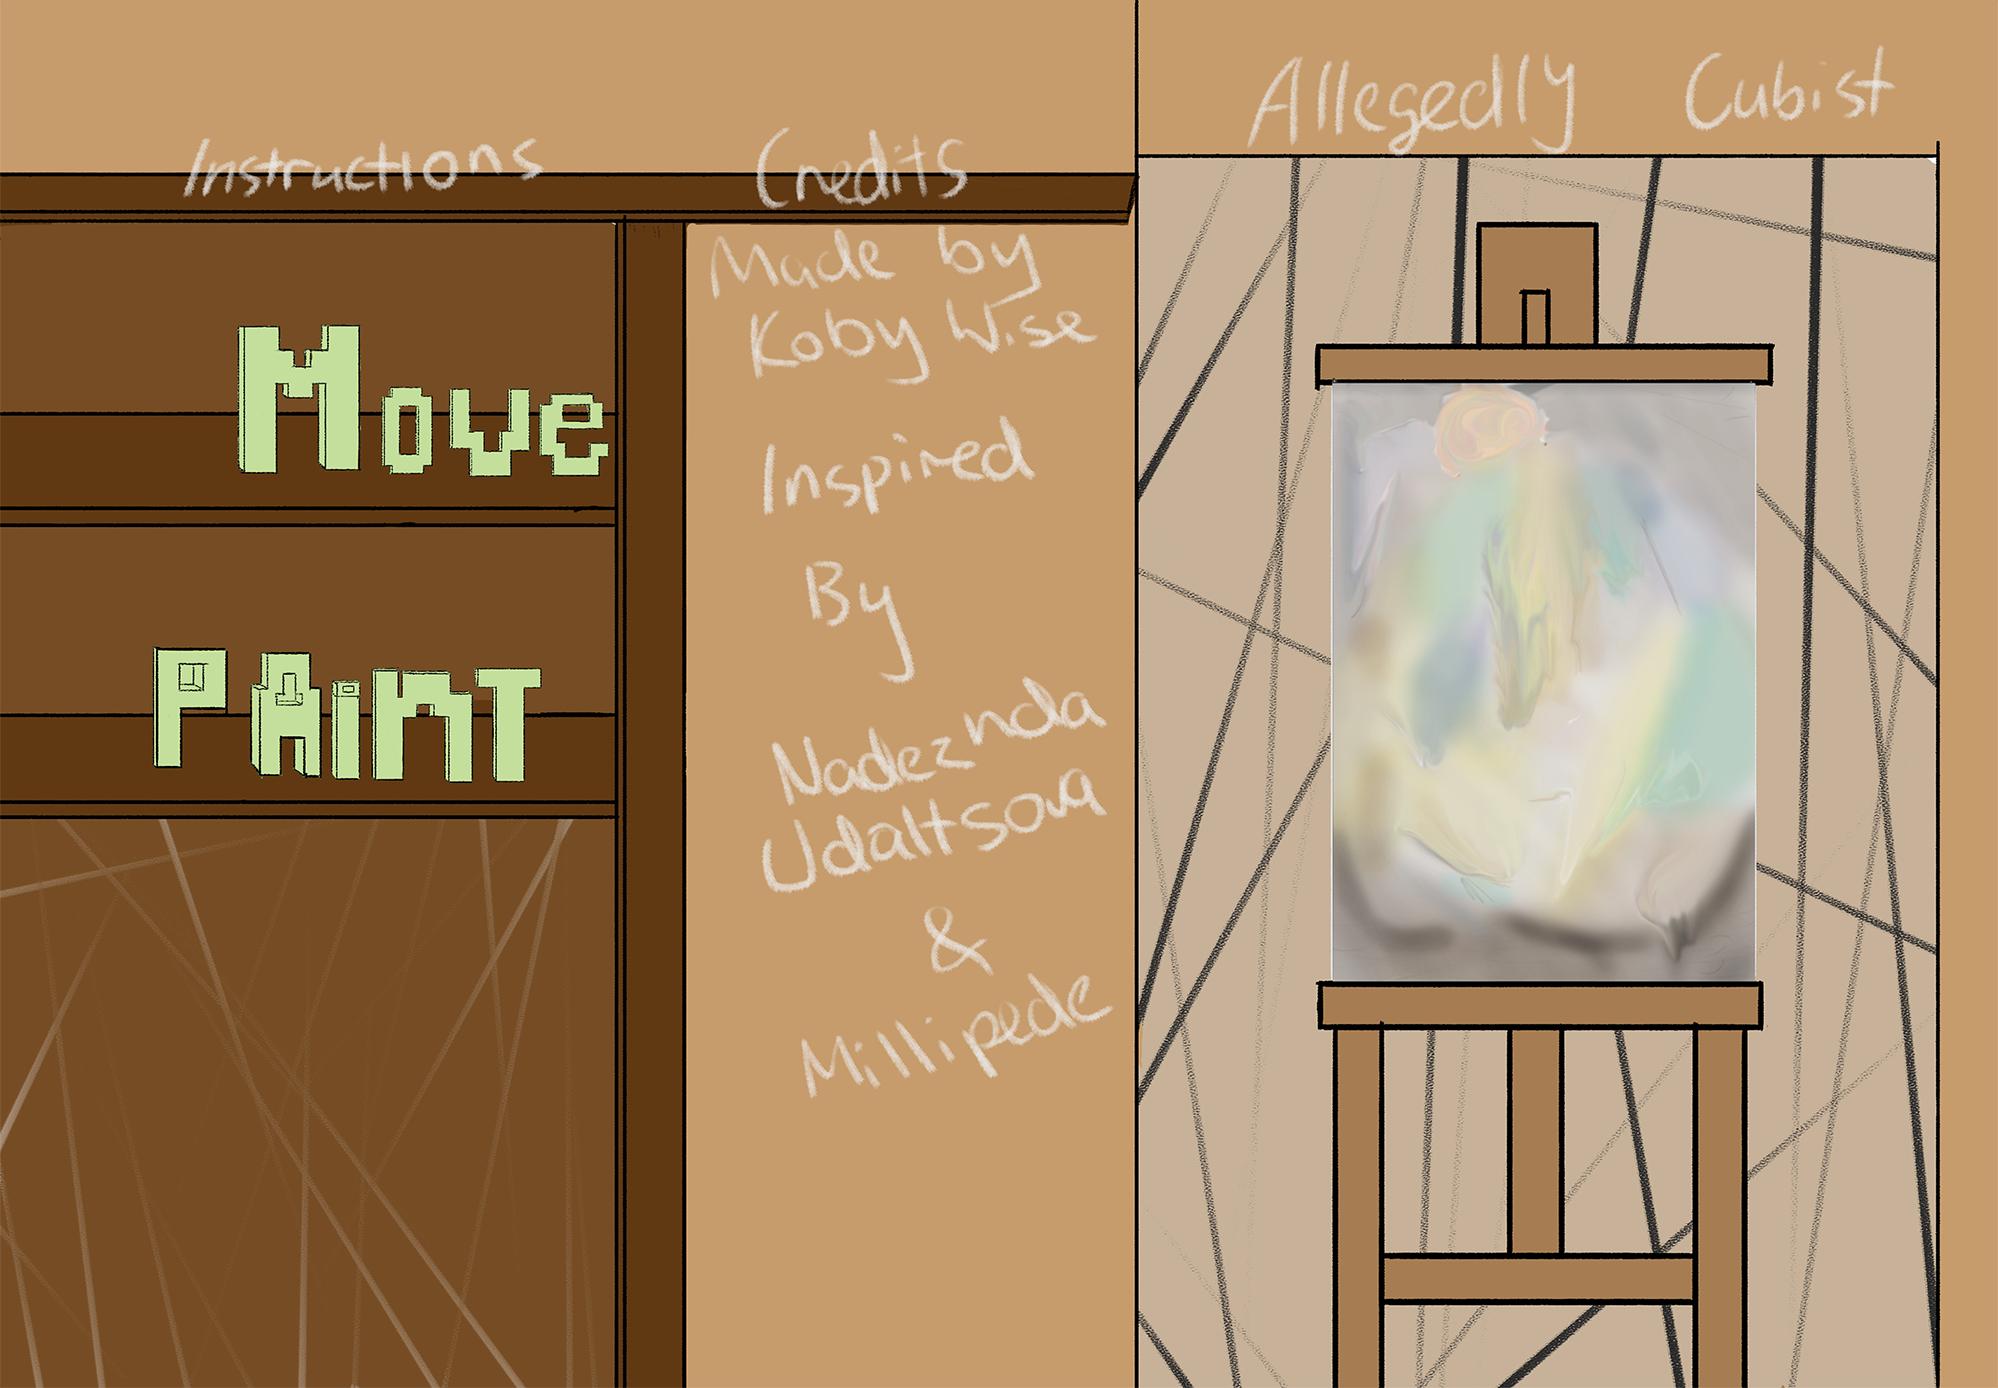 Allegedly Cubist